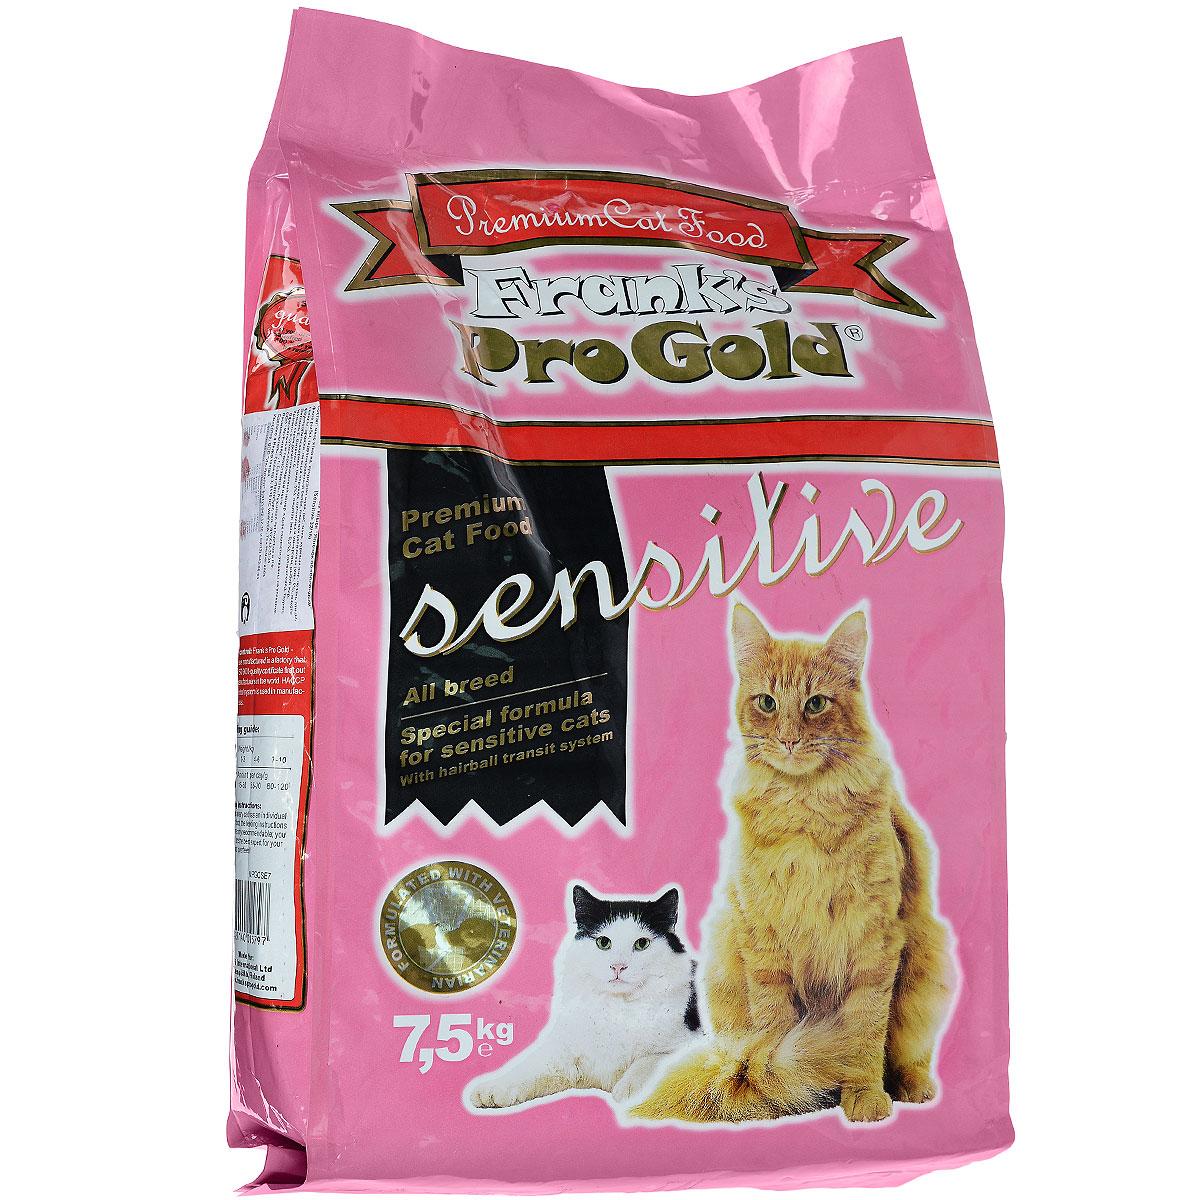 Корм сухой Franks ProGold для чувствительных кошек, с ягненком по-голландски, 7,5 кг23297Сухой корм Franks ProGold - высококачественное сухое питание, специально приготовленное, чтобы поддержать здоровье привередливых кошек. Если кошка капризничает, отказывается от привычной еды, это может быть обусловлено тем, что она чувствительна к еде. Специально для особо притязательных разработан корм Franks ProGold - полноценное сбалансированное питание без добавления сои и пшеницы, которое оптимально подойдет кошкам с чувствительным пищеварением. Состав: мясо ягненка, кукурузная мука, рис, маис, куриный жир, печень птицы, филе рыбы, гидролизованный белок, пищевая целлюлоза (минимум 5%), мякоть свеклы, дрожжи, яичный порошок, витамины и минералы, рыбий жир, фруктоолигосахариды (минимум 5%), лецитин (минимум 0,5%), холинхлорид, таурин, витамин Е, витамин С. Пищевая ценность: белки 32,0%, жиры 18,0%, клетчатка 5%, зола 7%, влажность 8,0%, фосфор 1,15%, кальций 1,35%, натрий 0,45%, магний 0,08%. Пищевые добавки: витамин А (Е672) 22000МЕ/кг,...